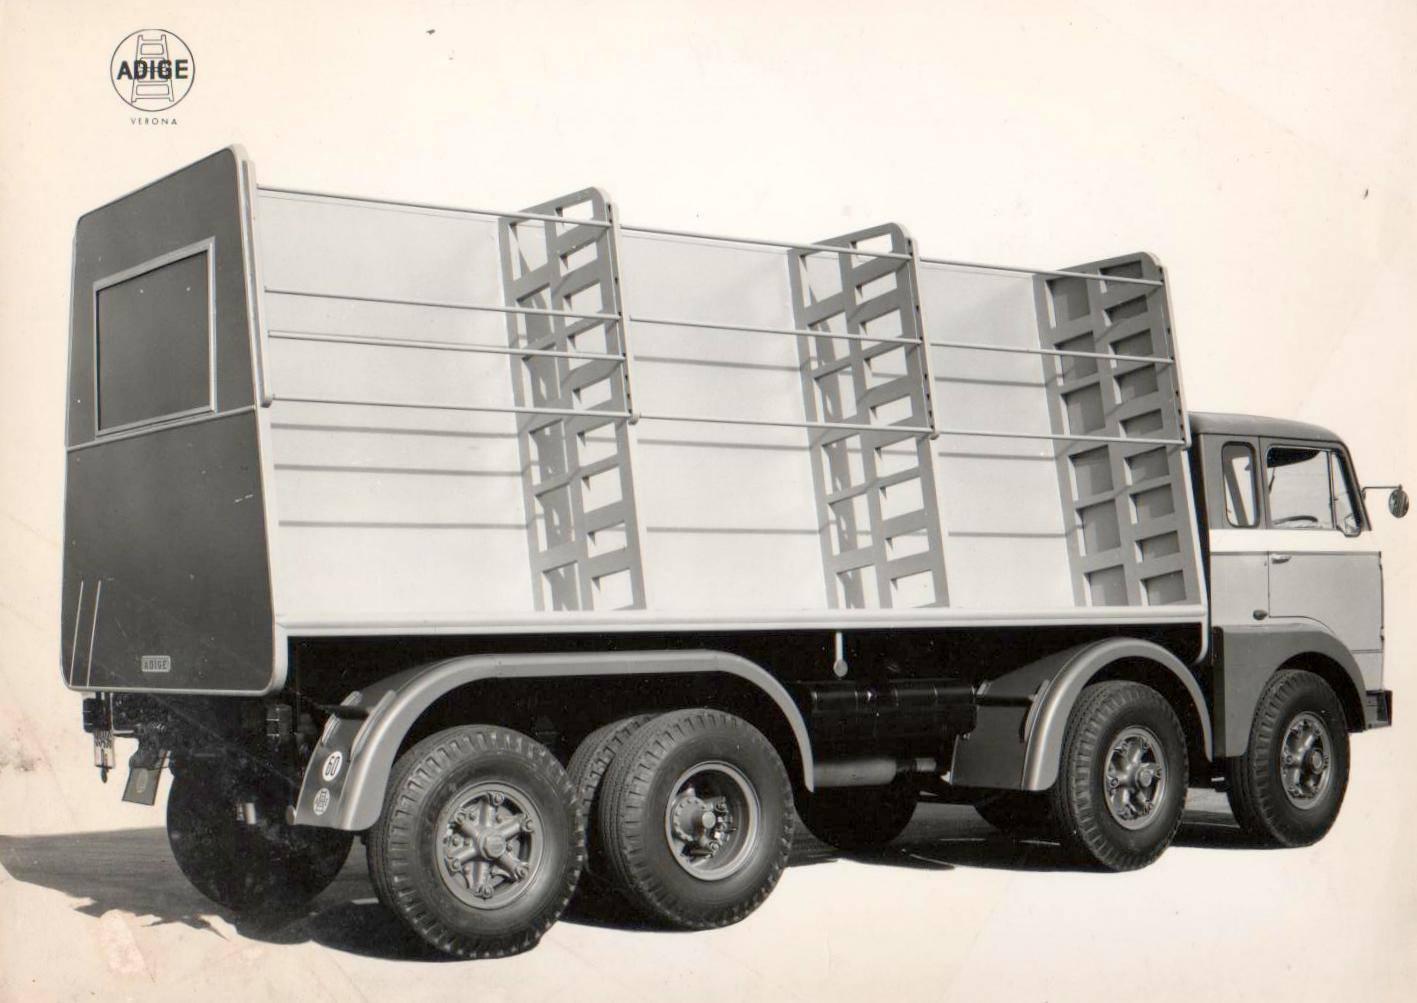 Fiat-690-Adige